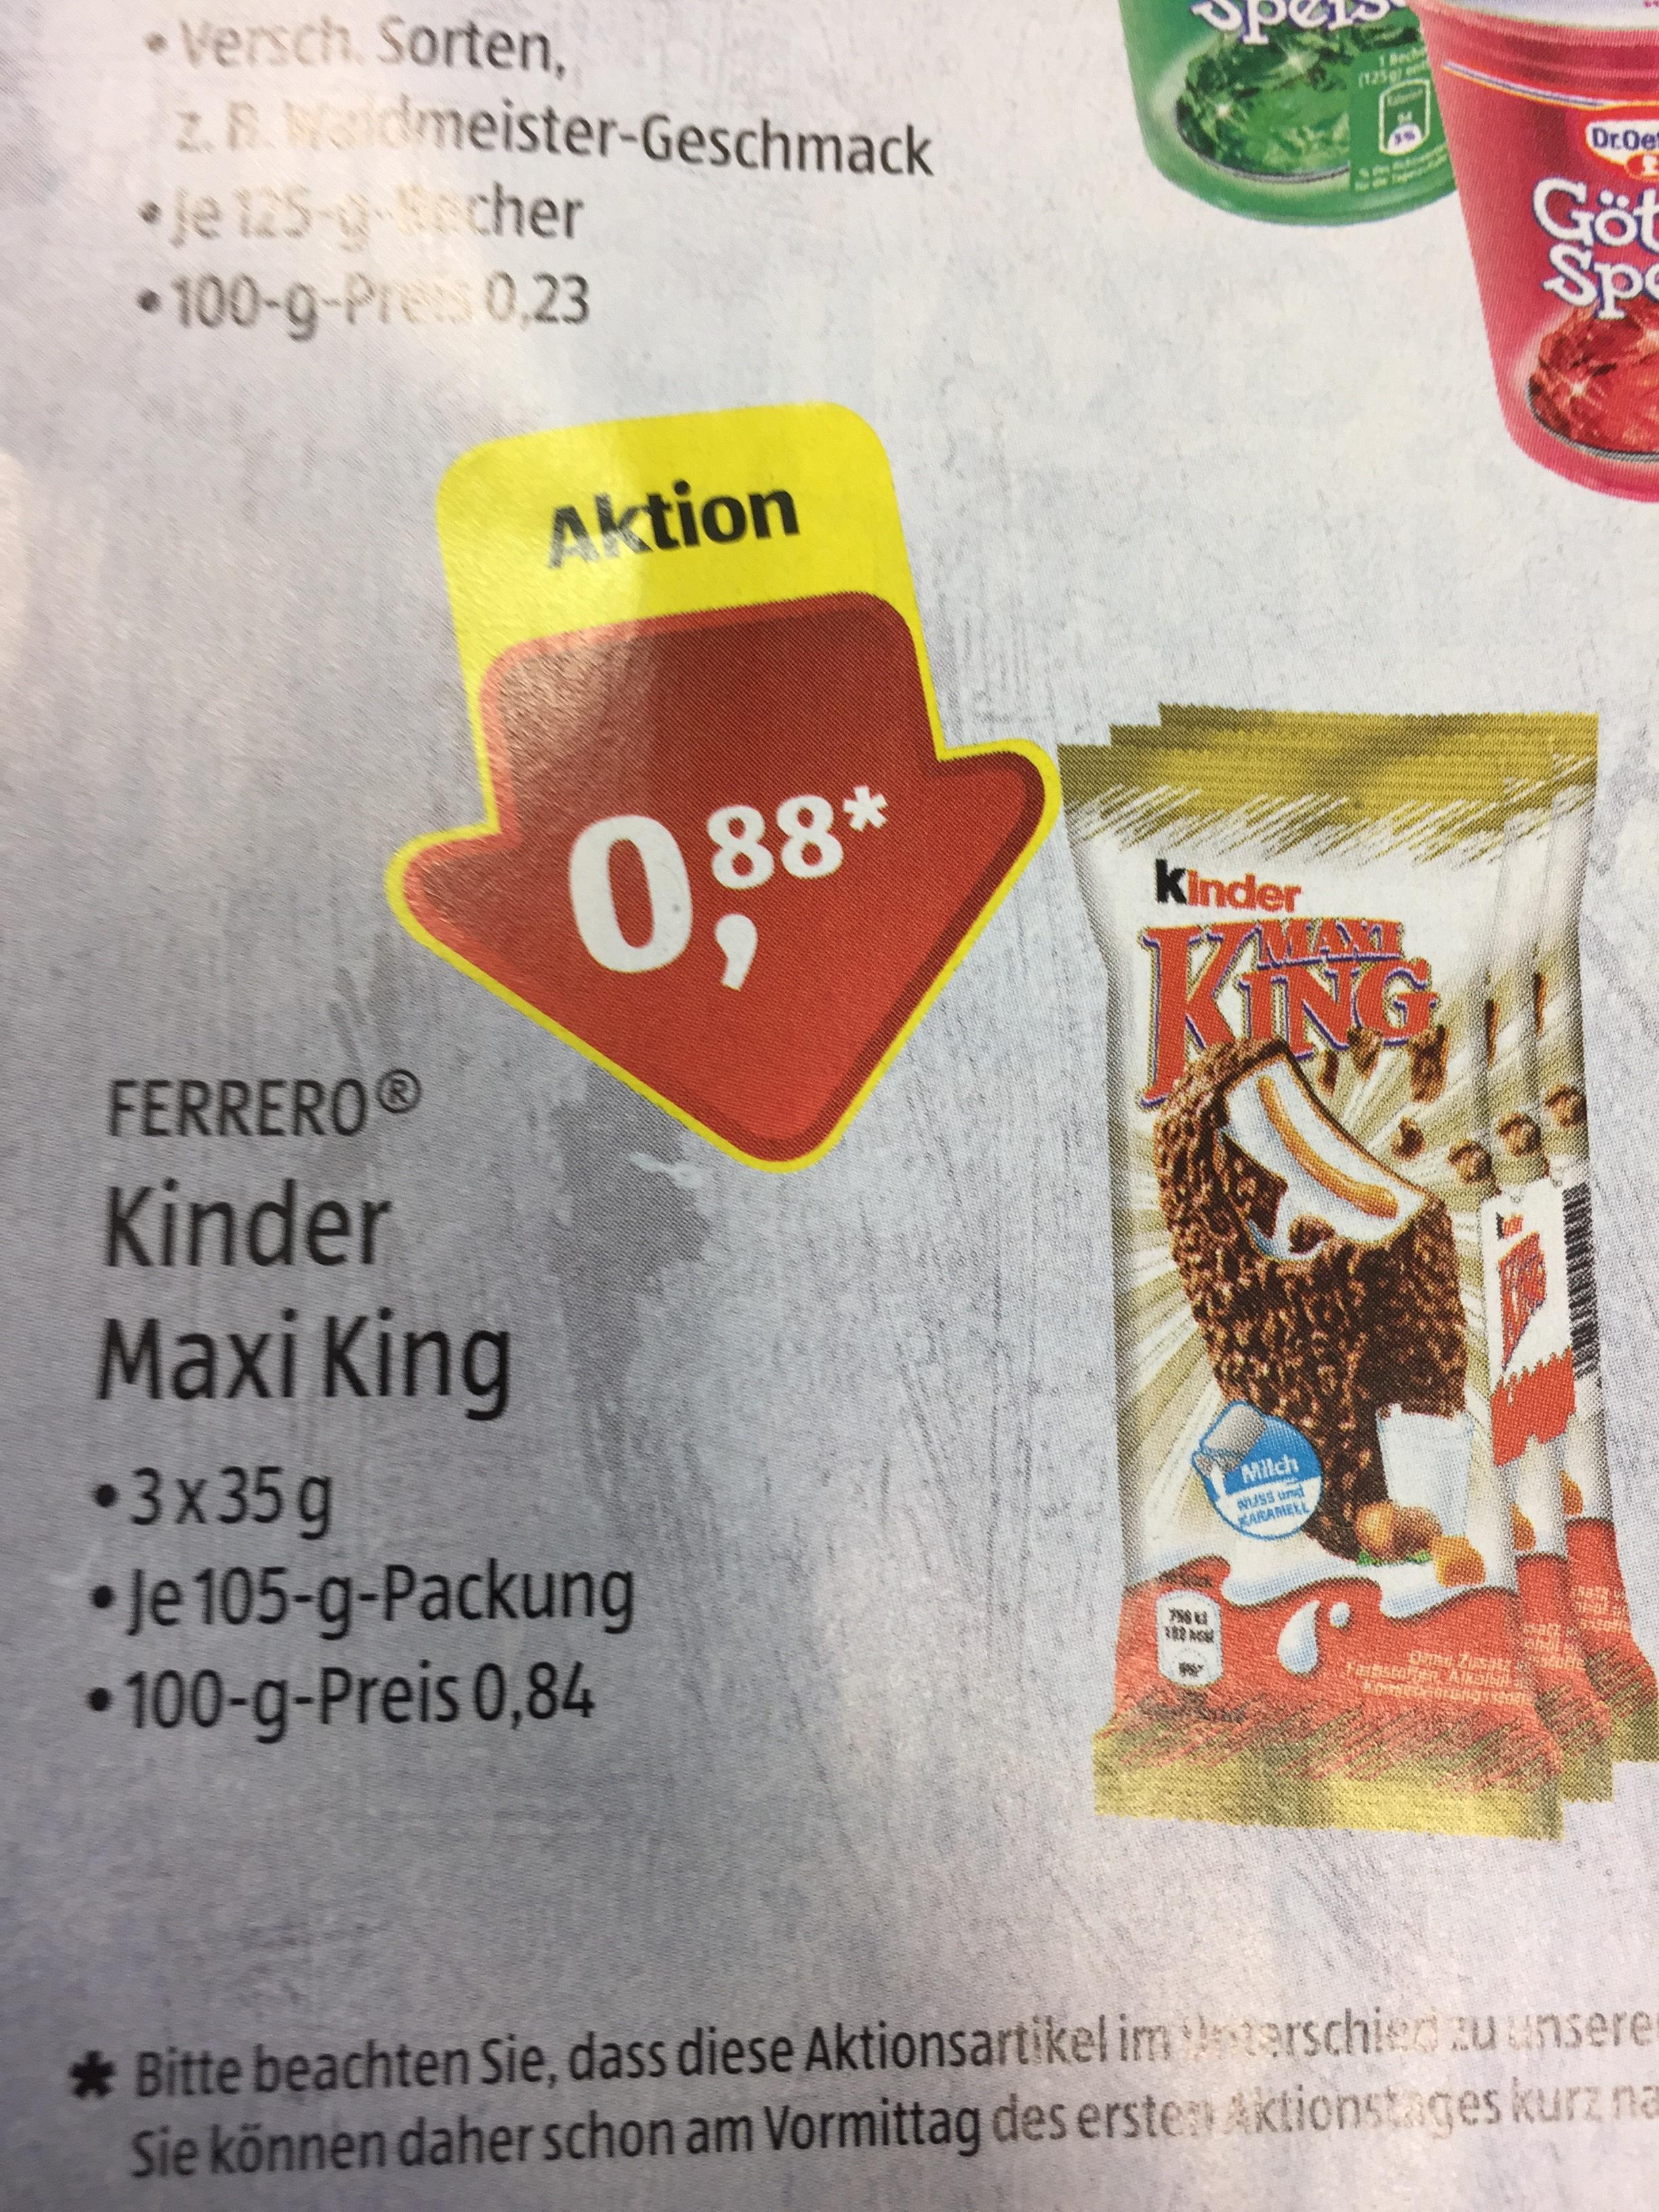 3x Kinder Maxi King ( 3x35 g ) 0,88€ Ferrero / ab 29.6 bei Aldi Süd